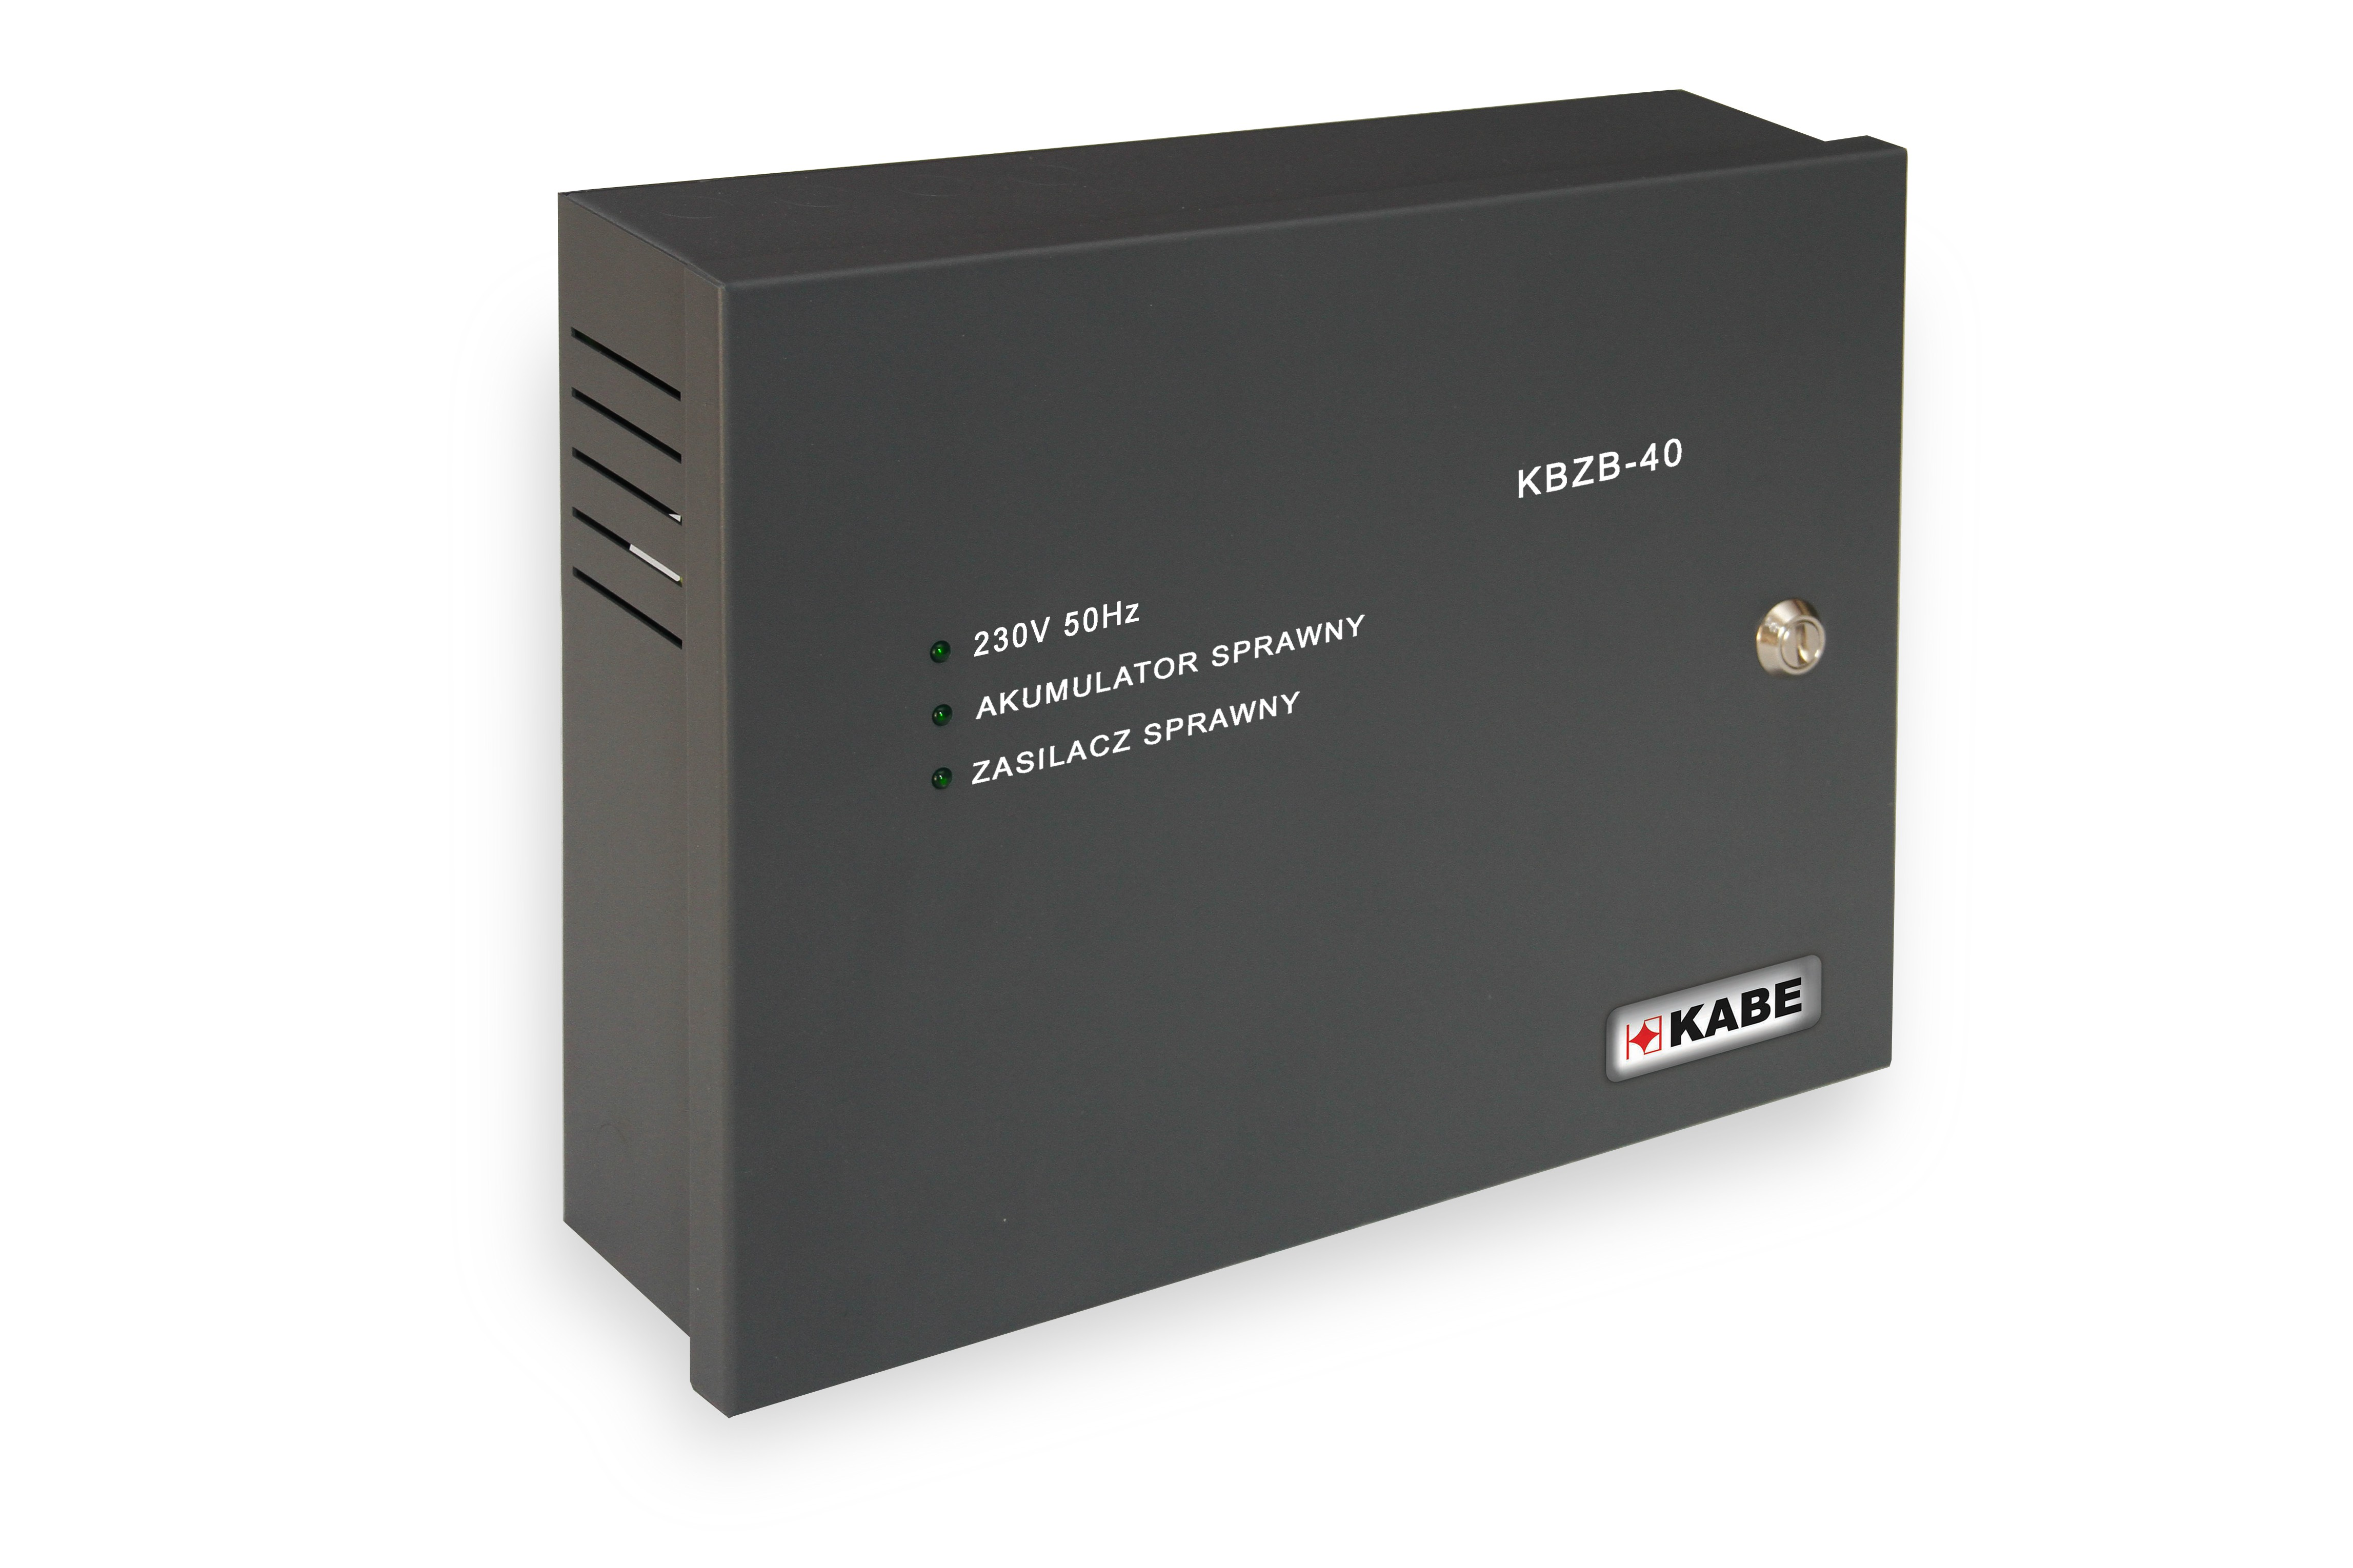 Zasilacz buforowy KBZB-40 5,5A/12Ah